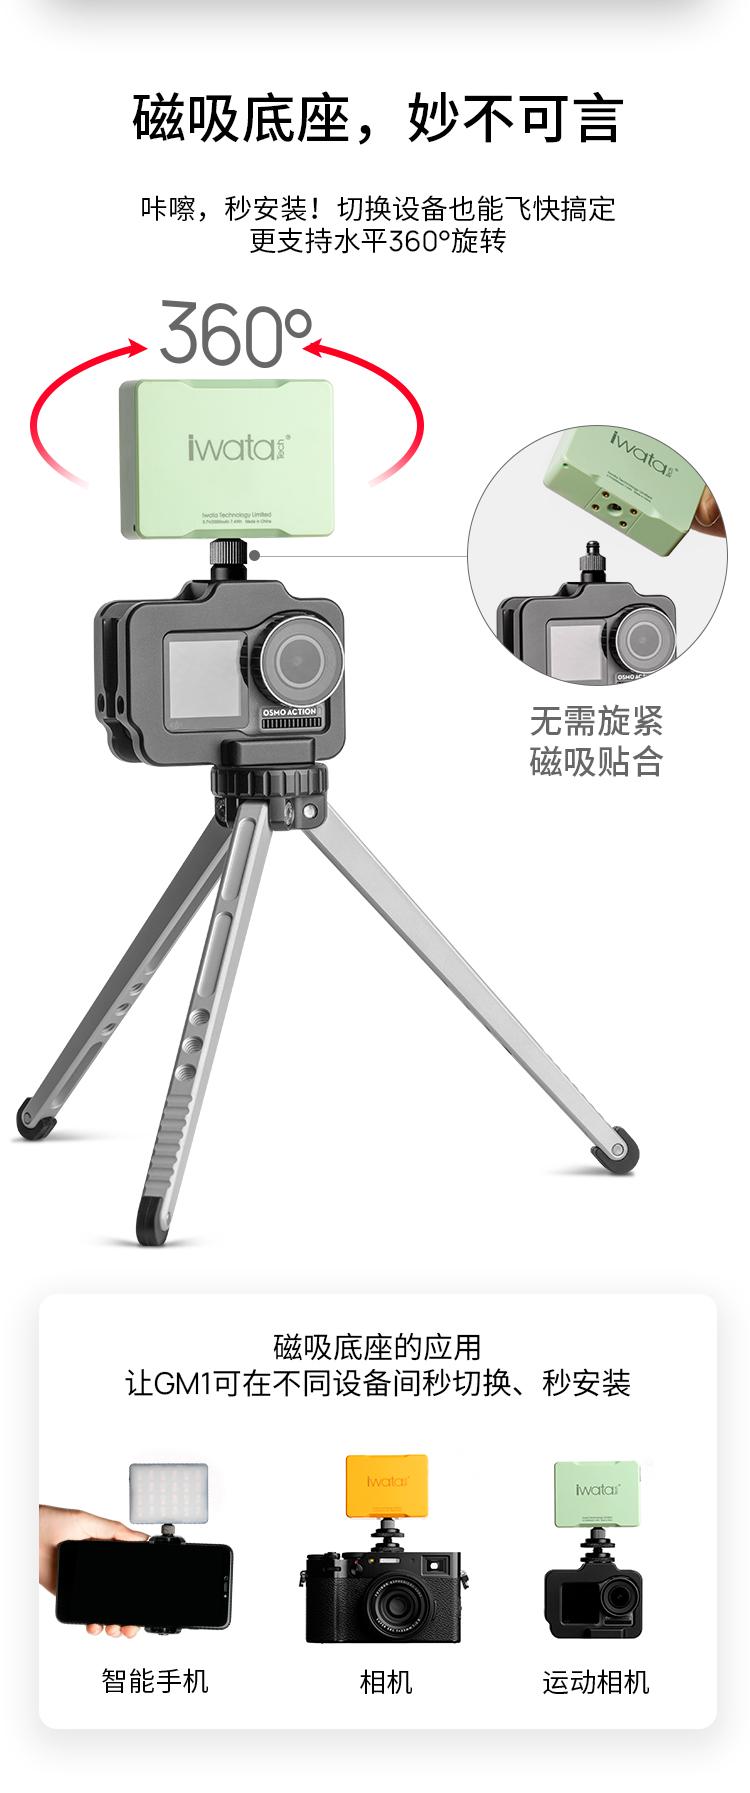 iwata-genius-m1-pro-15.jpg